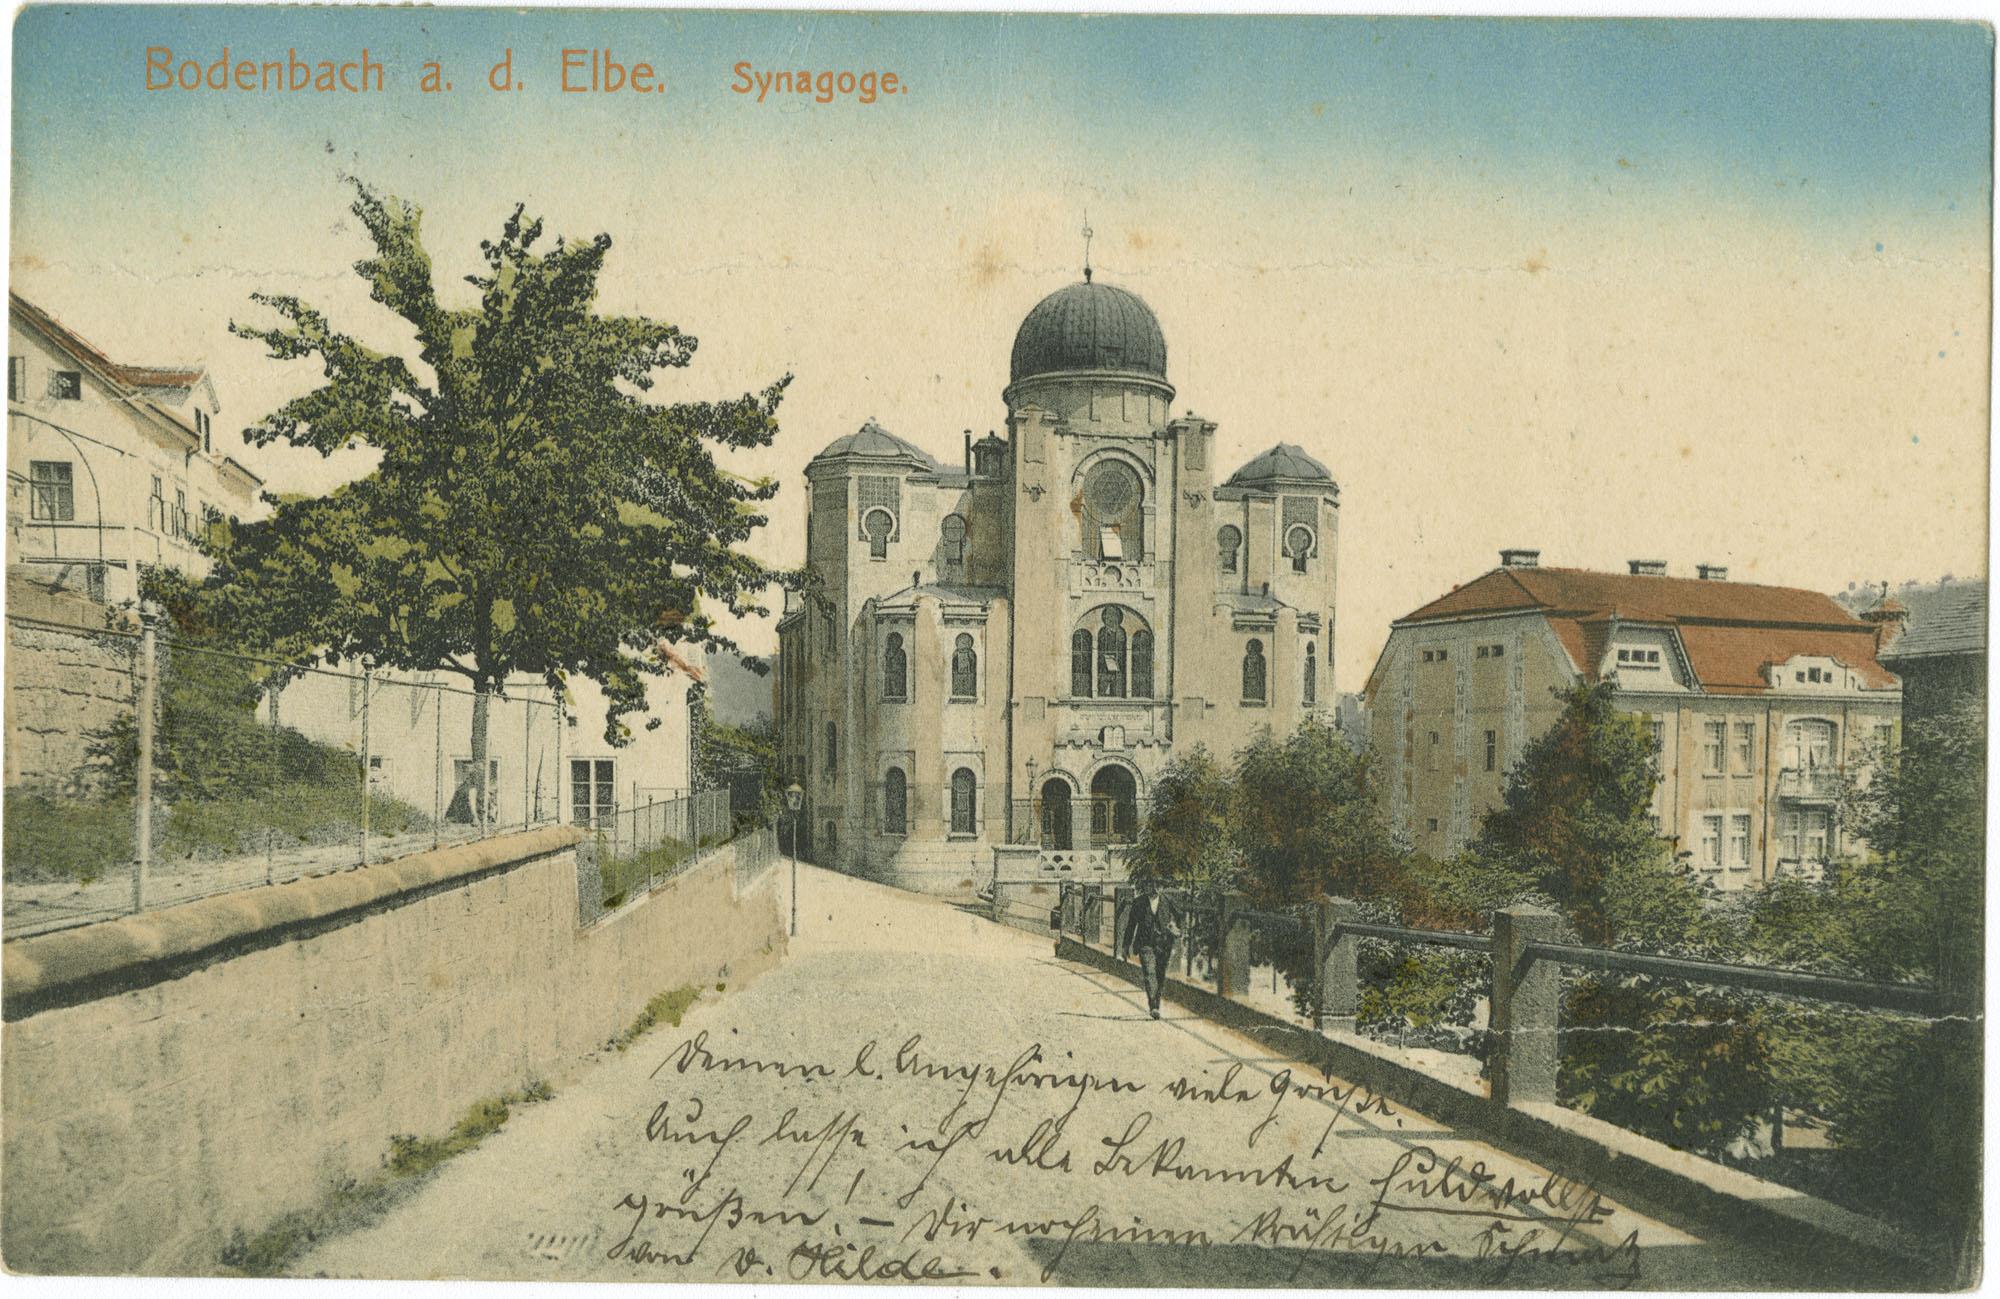 Bodenbach a. d. Elbe. Synagoge.